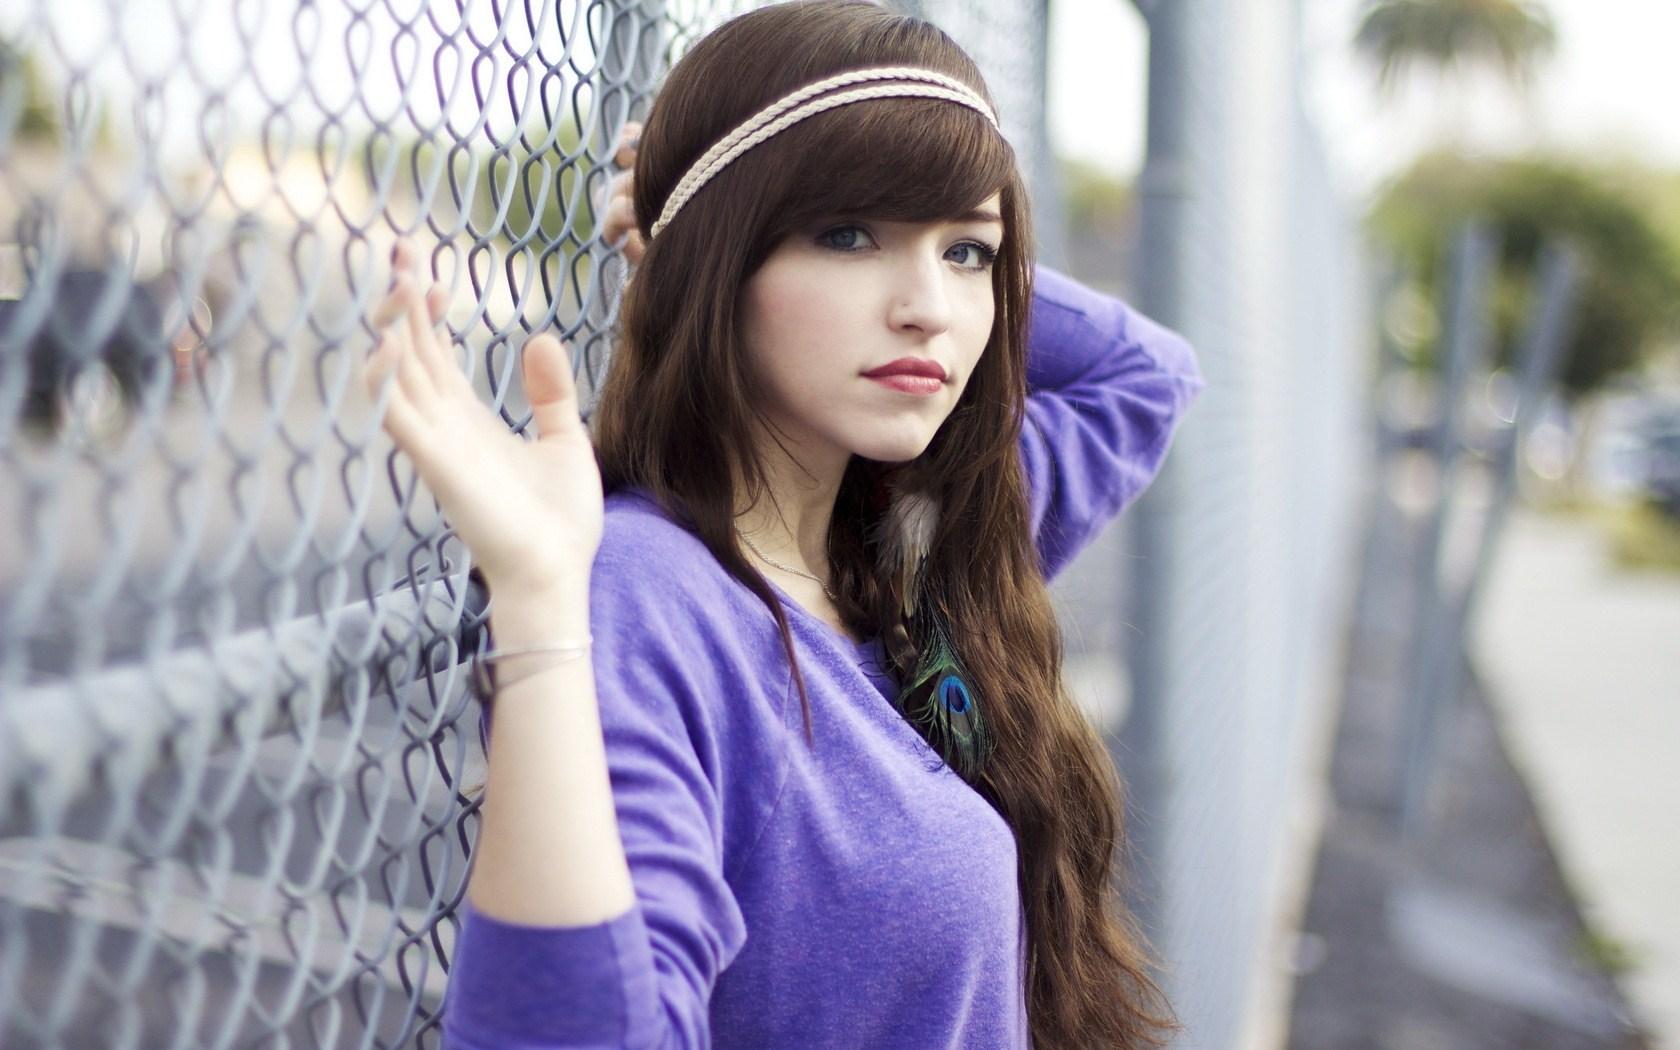 Girl Model Wallpaper 43677 1680x1050px